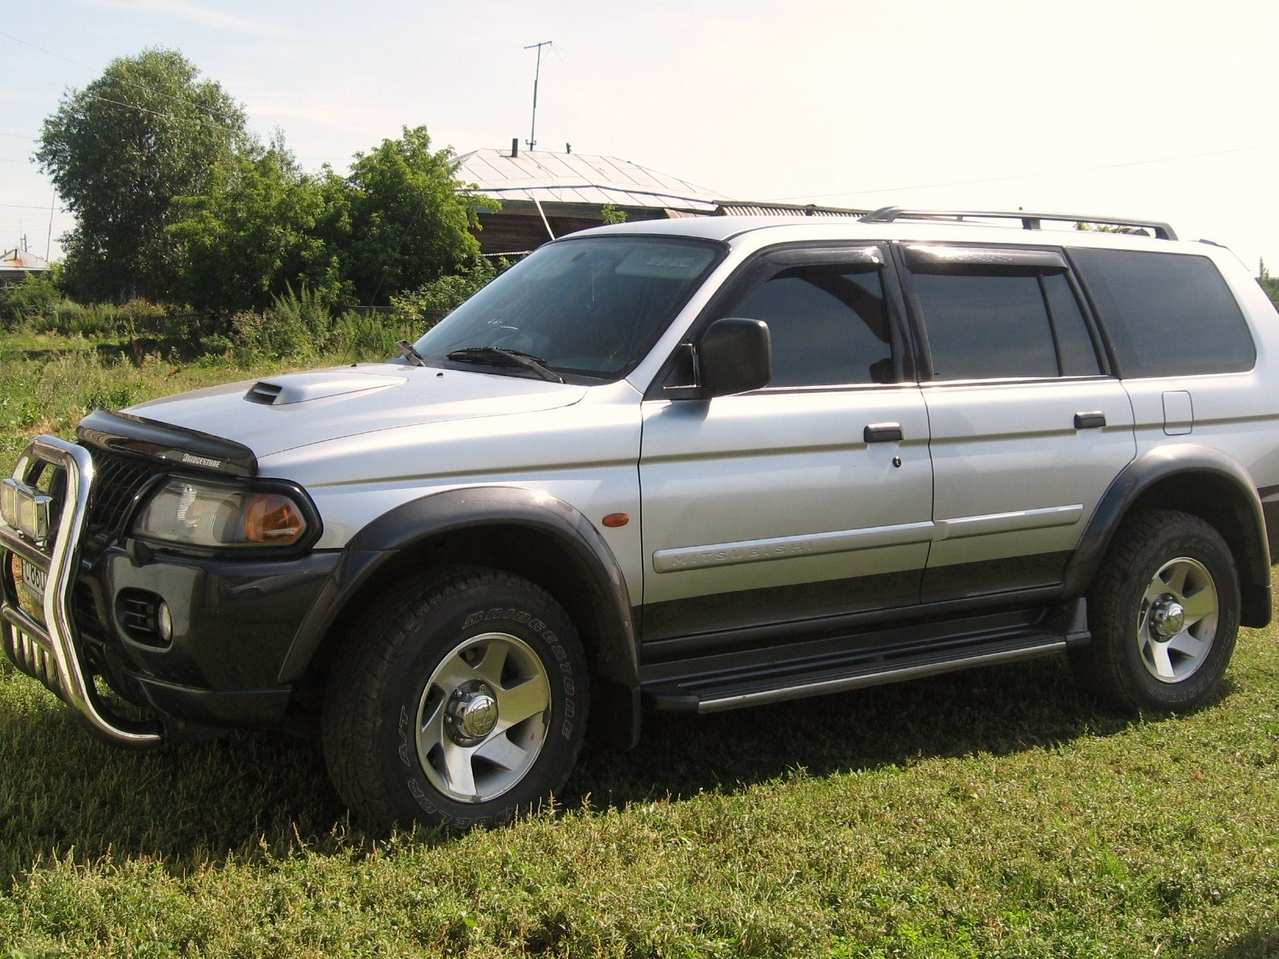 2003 Mitsubishi Pajero Sport